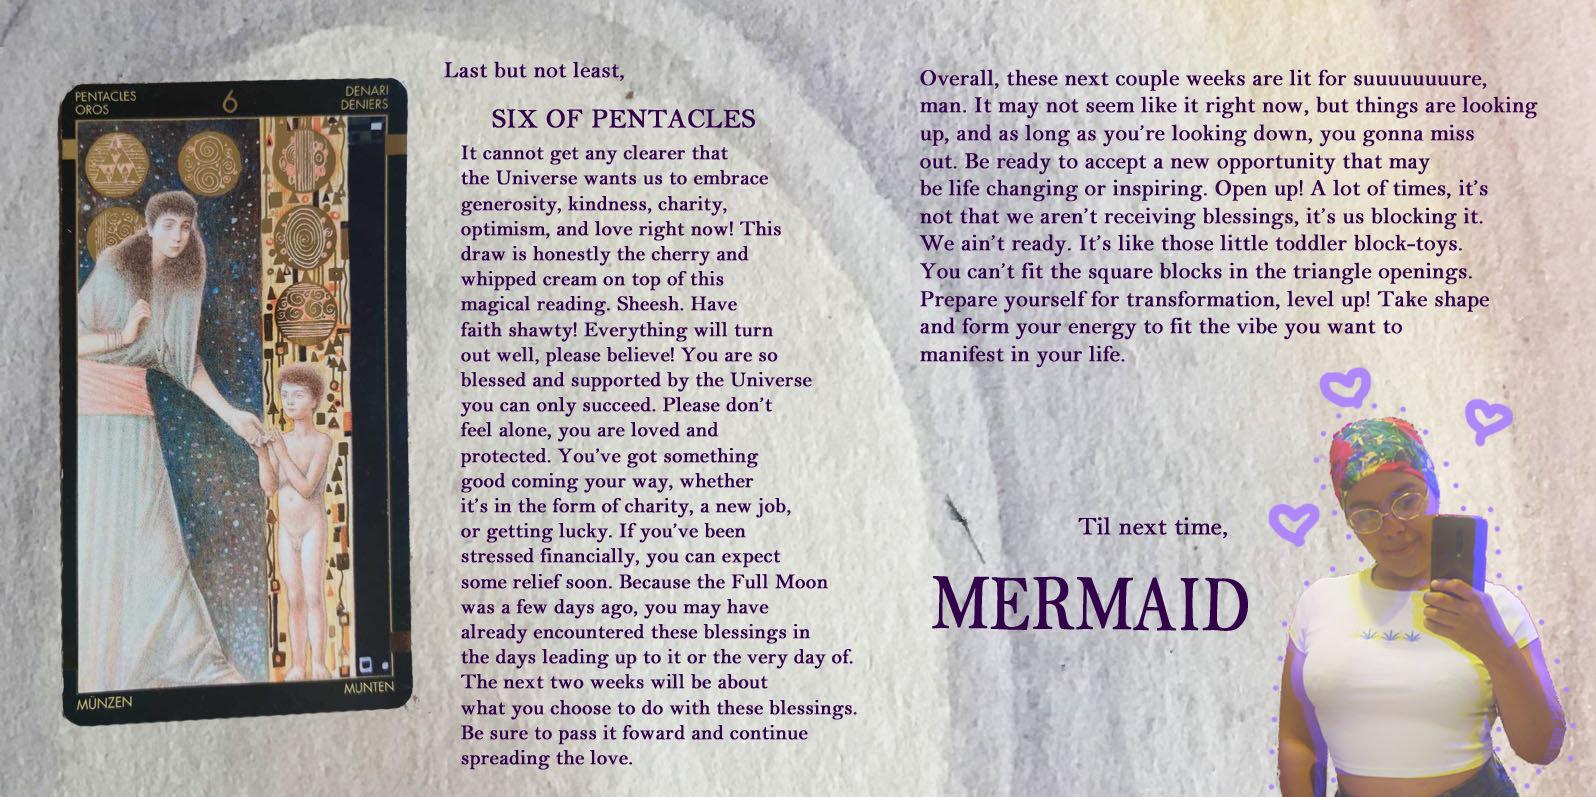 MermaidPage4.jpg